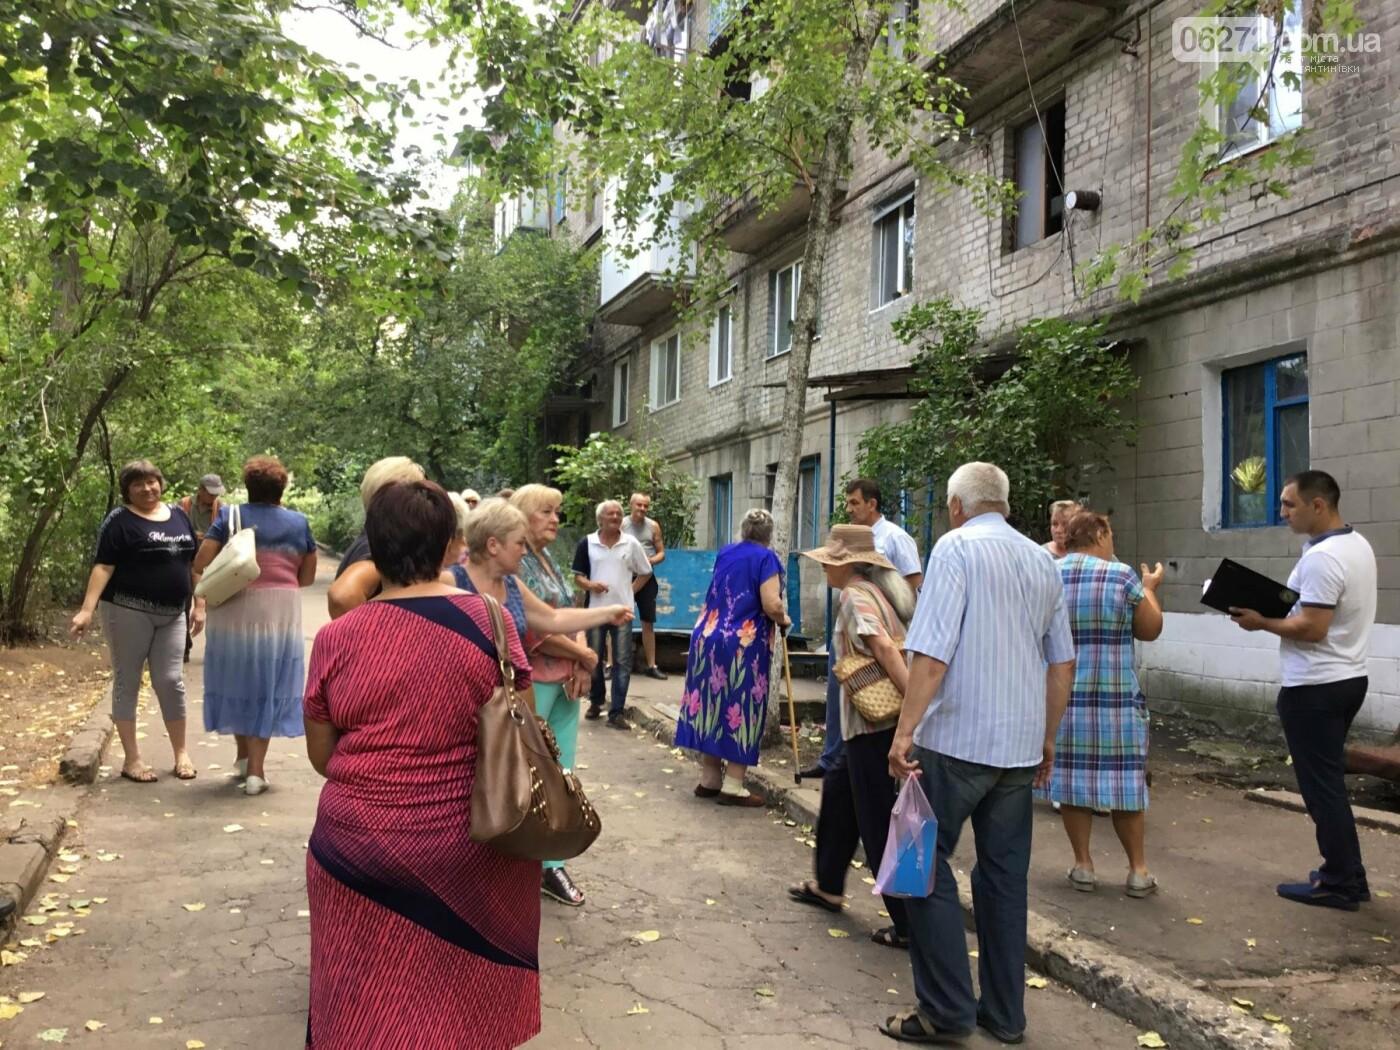 Жители Константиновской многоэтажки против пункта приема вторсырья в их доме, фото-6